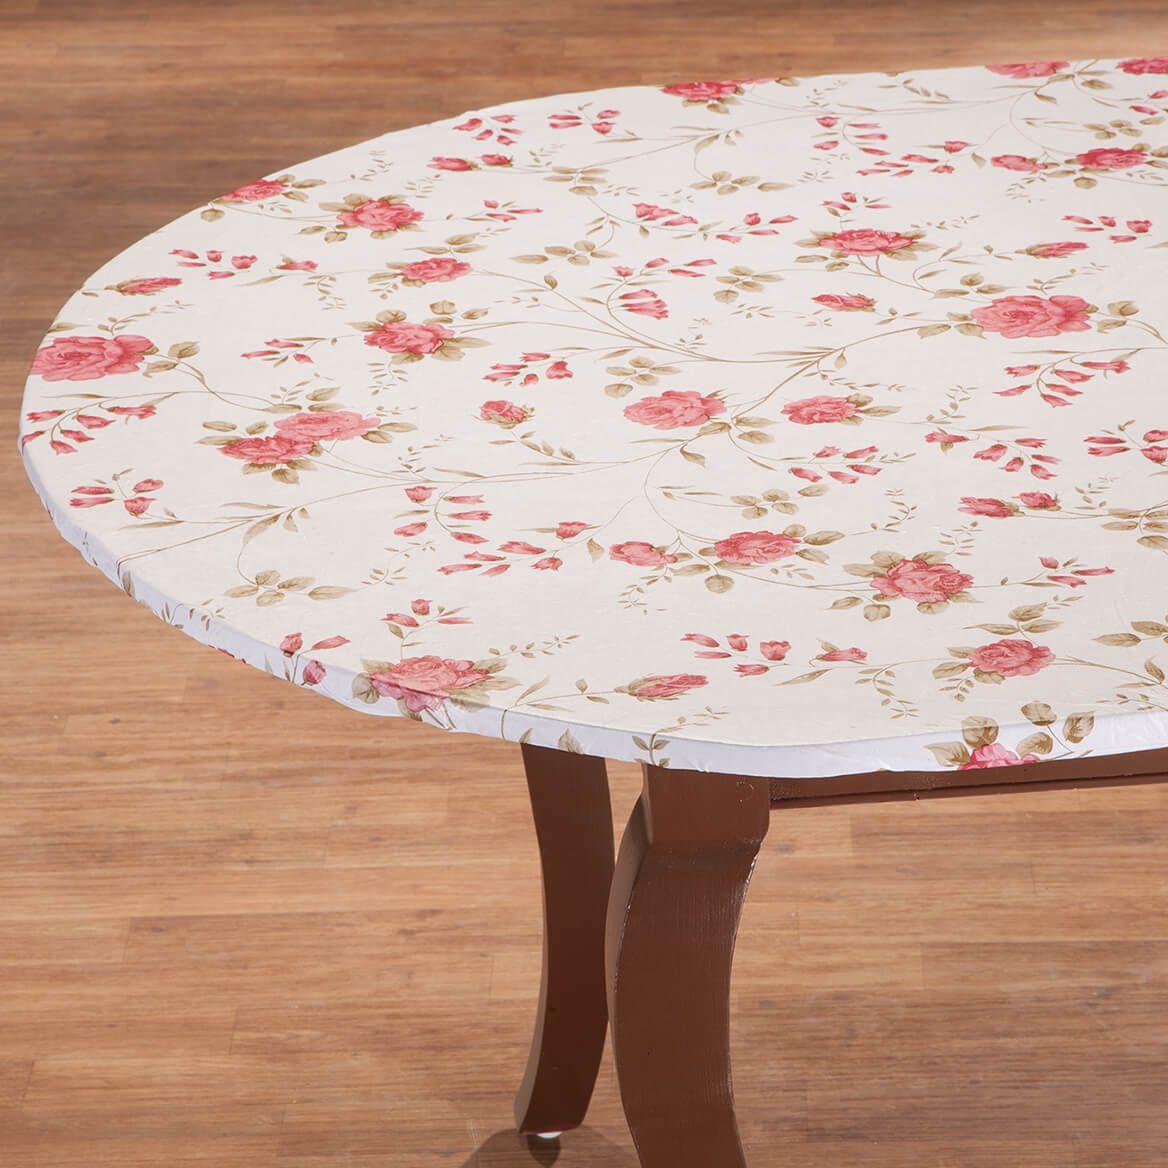 Rose Trellis Elastic Vinyl Table Cover-363041